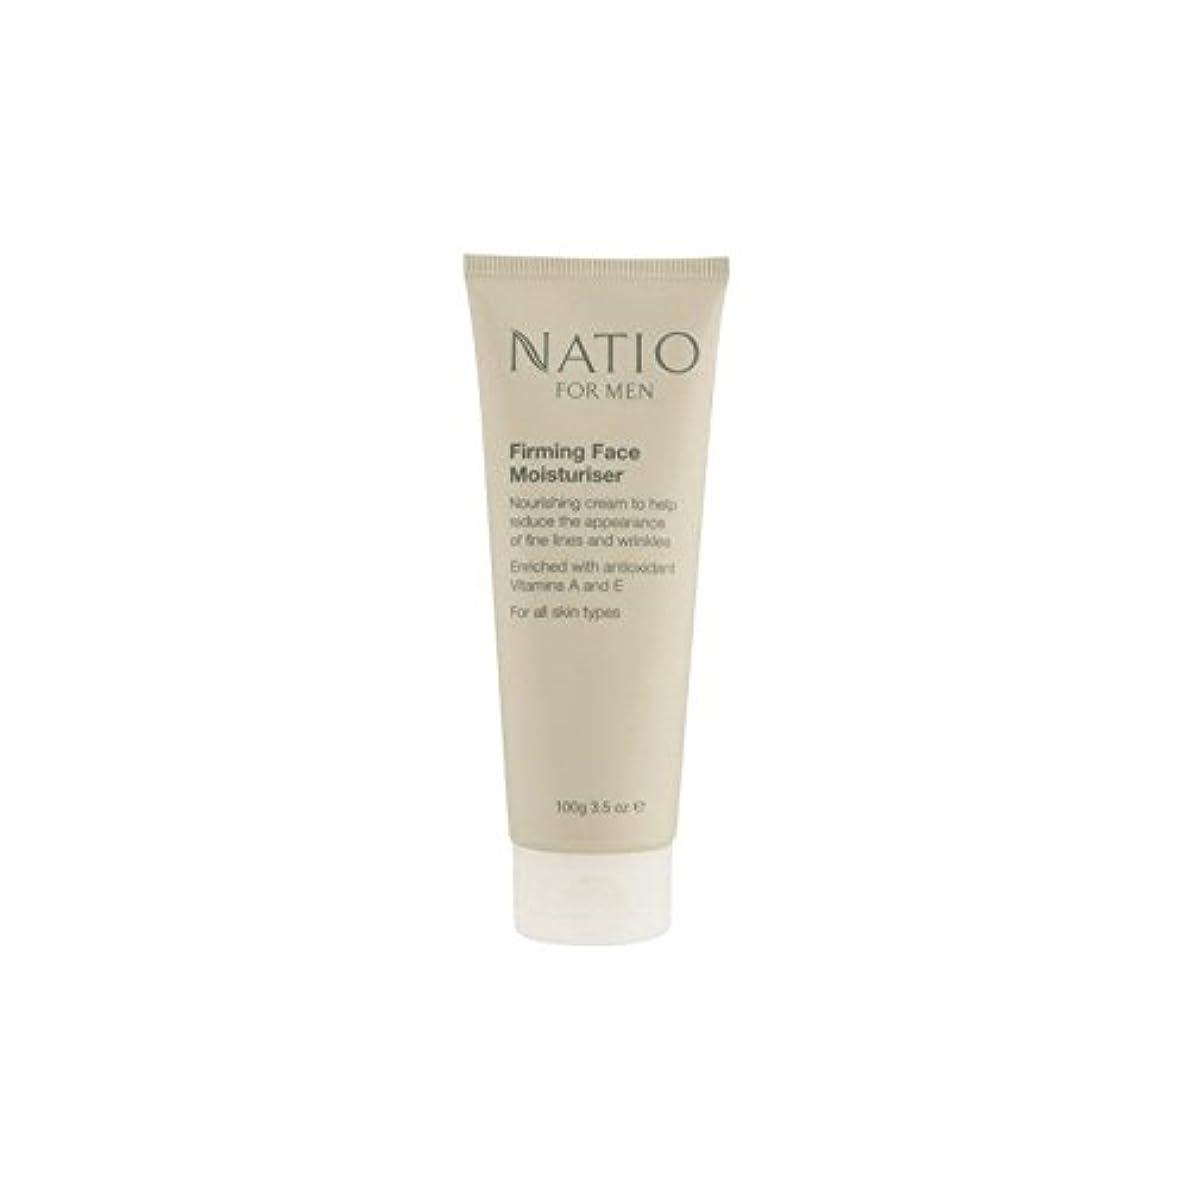 取り替えるオーク契約Natio For Men Firming Face Moisturiser (100G) - 顔の保湿剤を引き締め男性のための(100グラム) [並行輸入品]